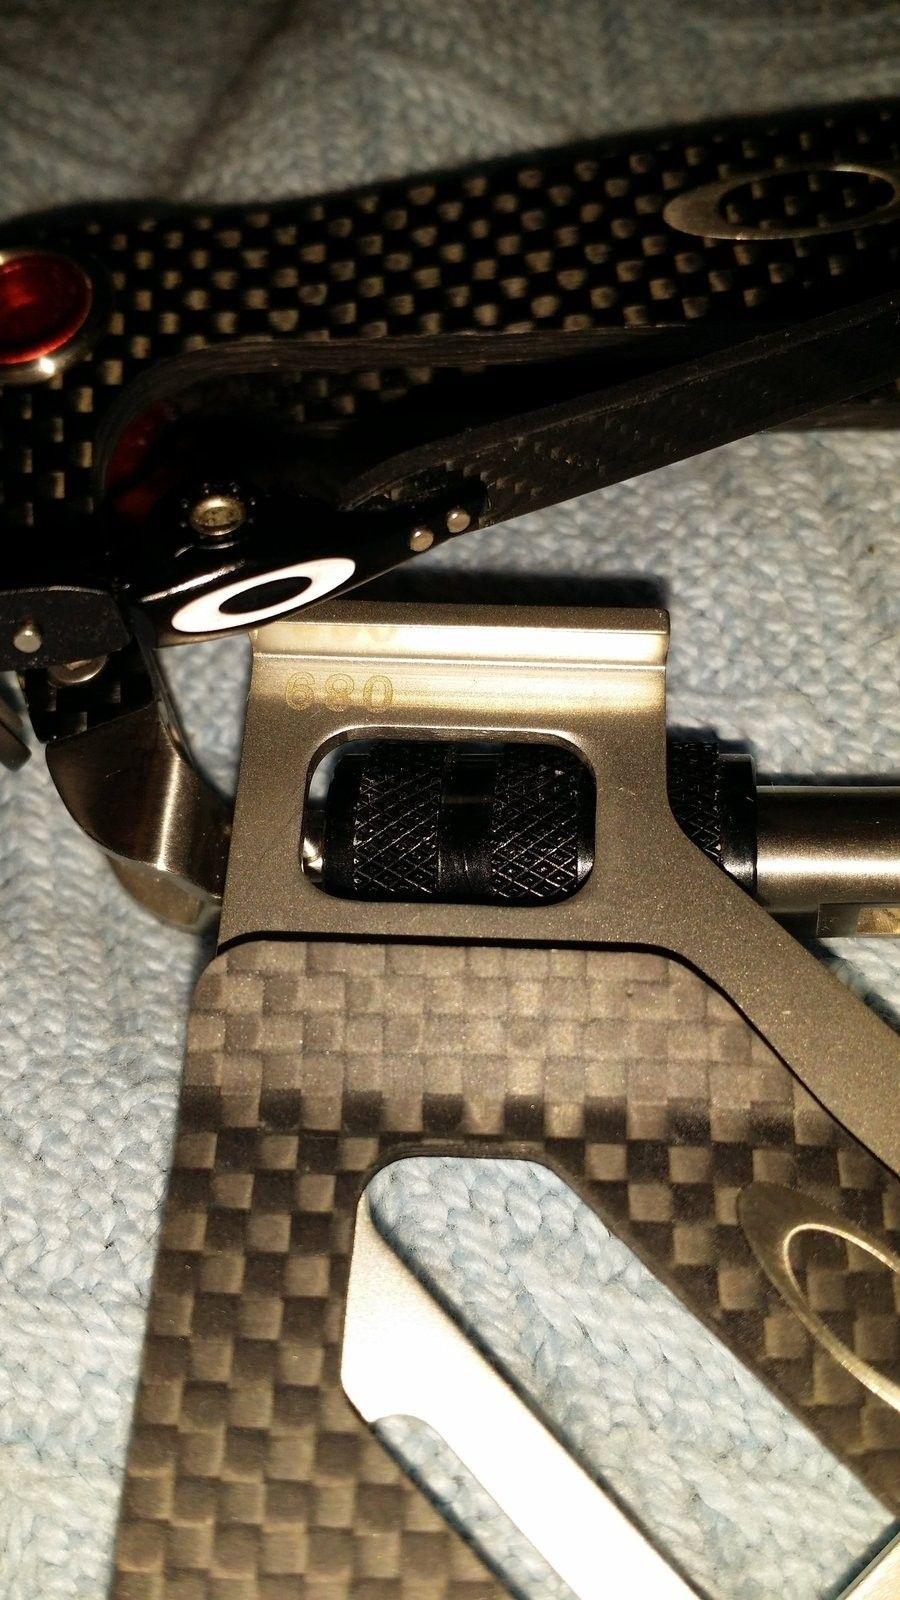 New carbon fiber clip - uploadfromtaptalk1432442948411.jpg